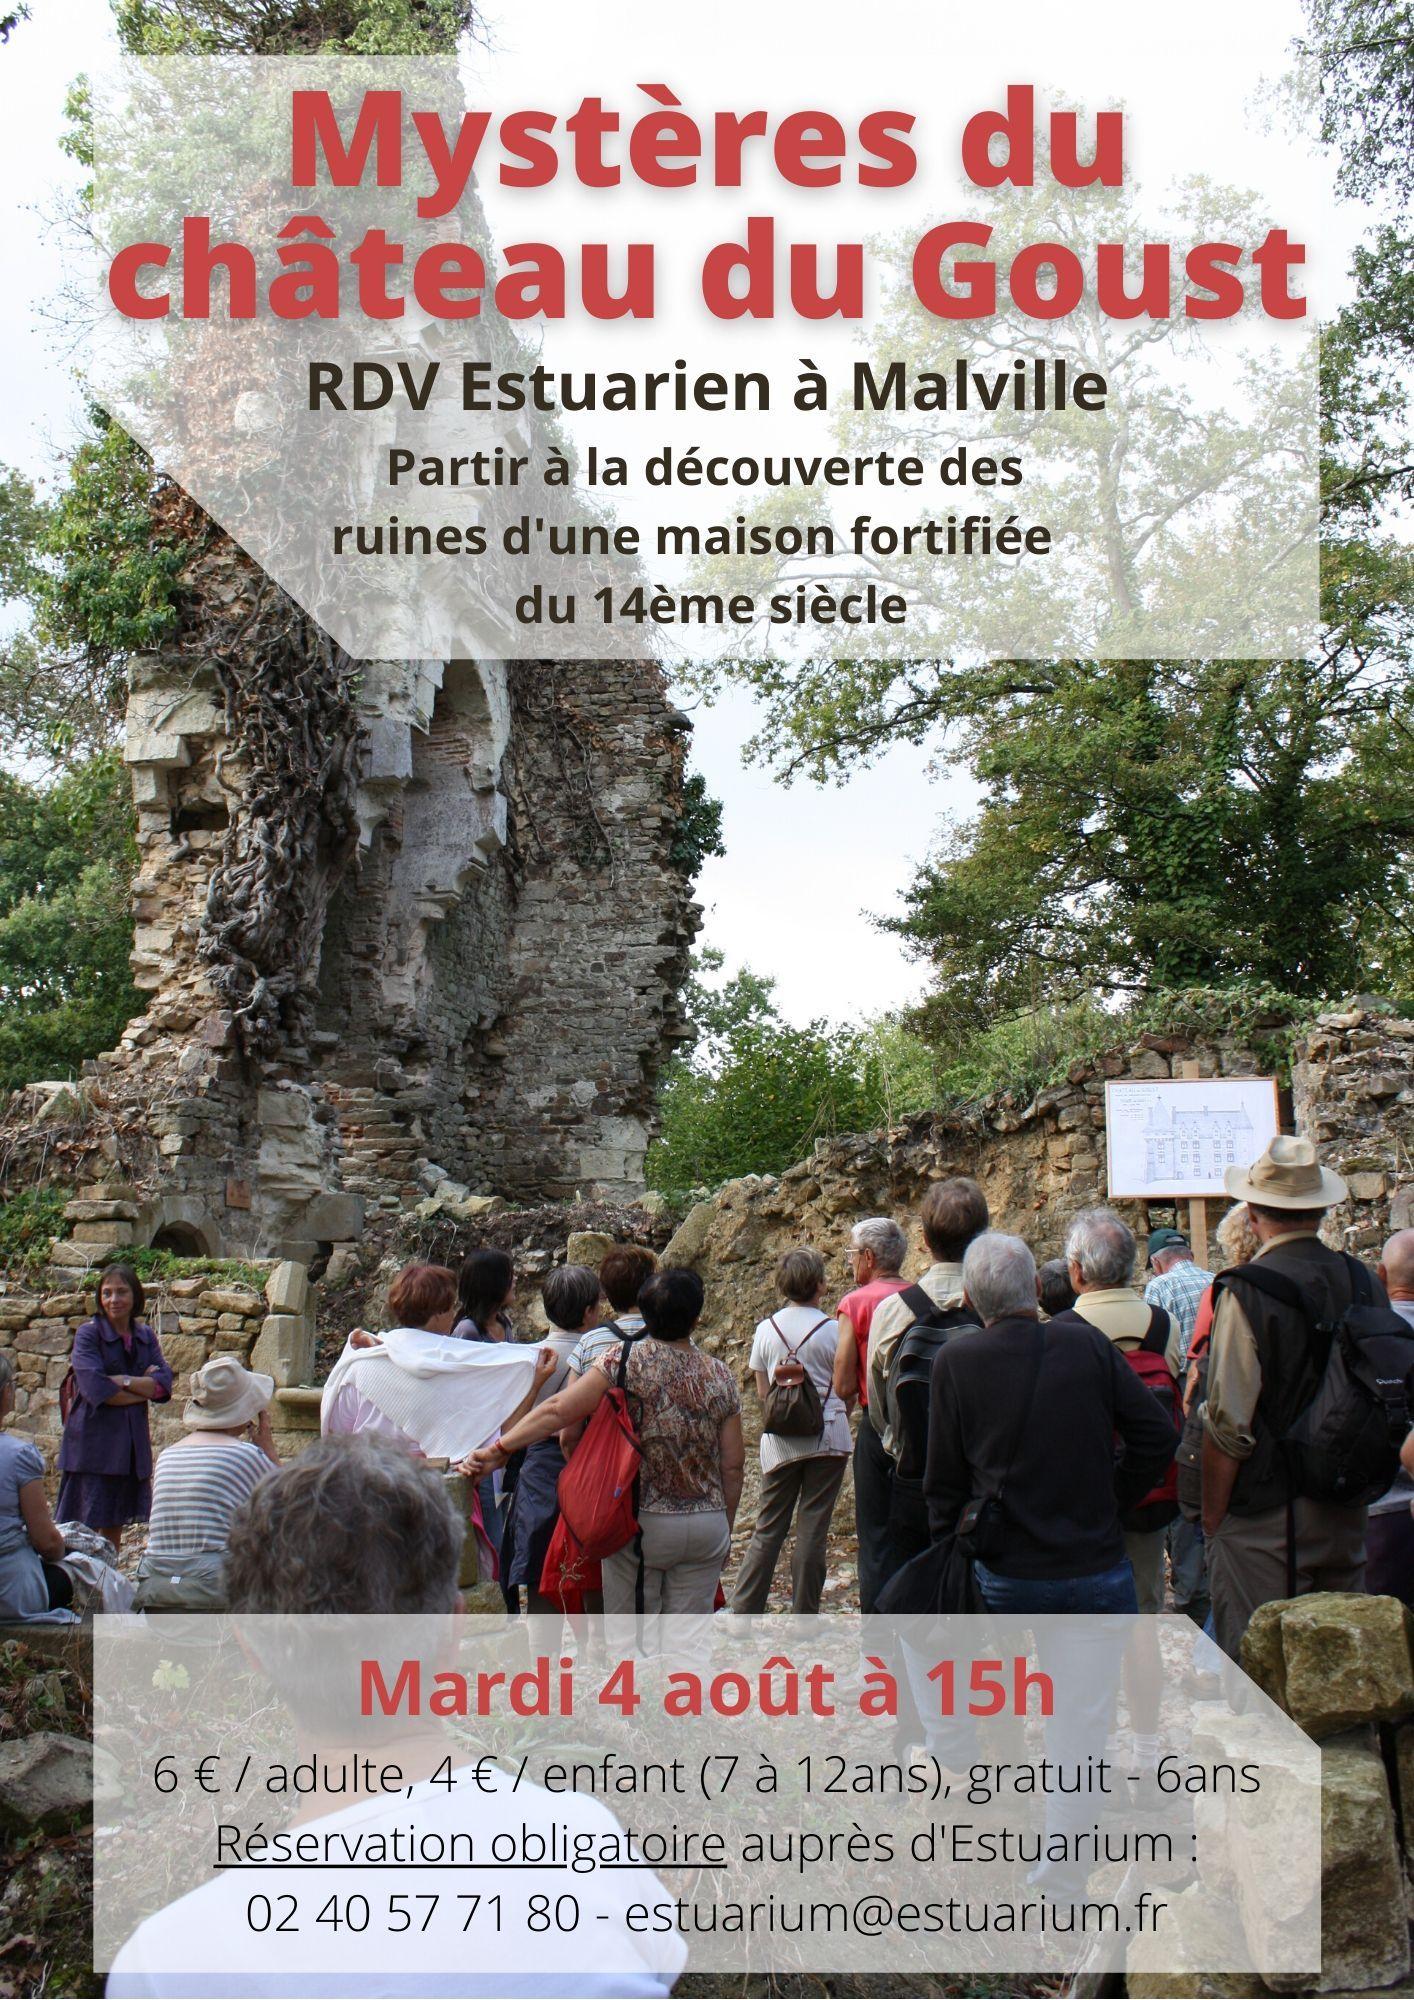 RDV Estuarien aout 2020 - Mystère chateau Goust - MALVILLE